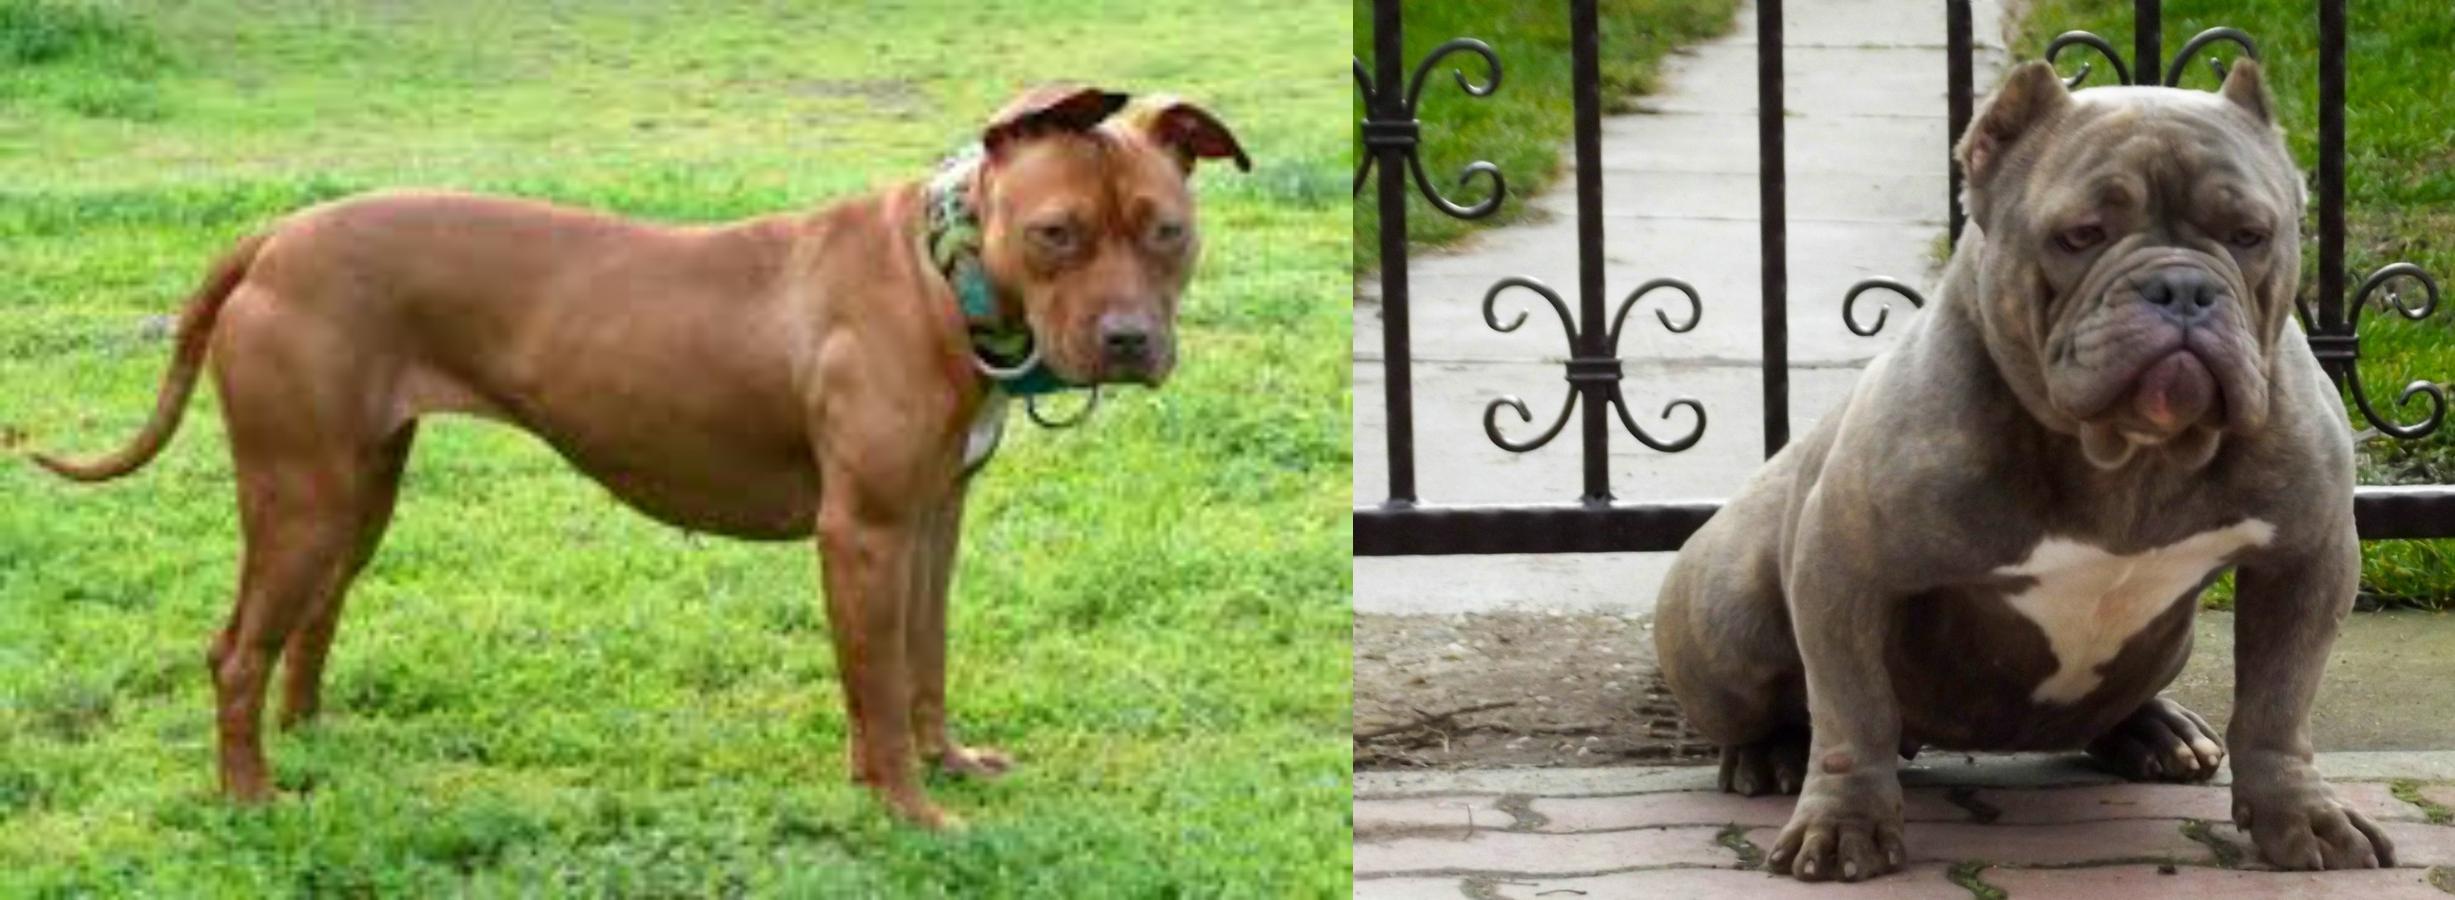 American Pit Bull Terrier Vs